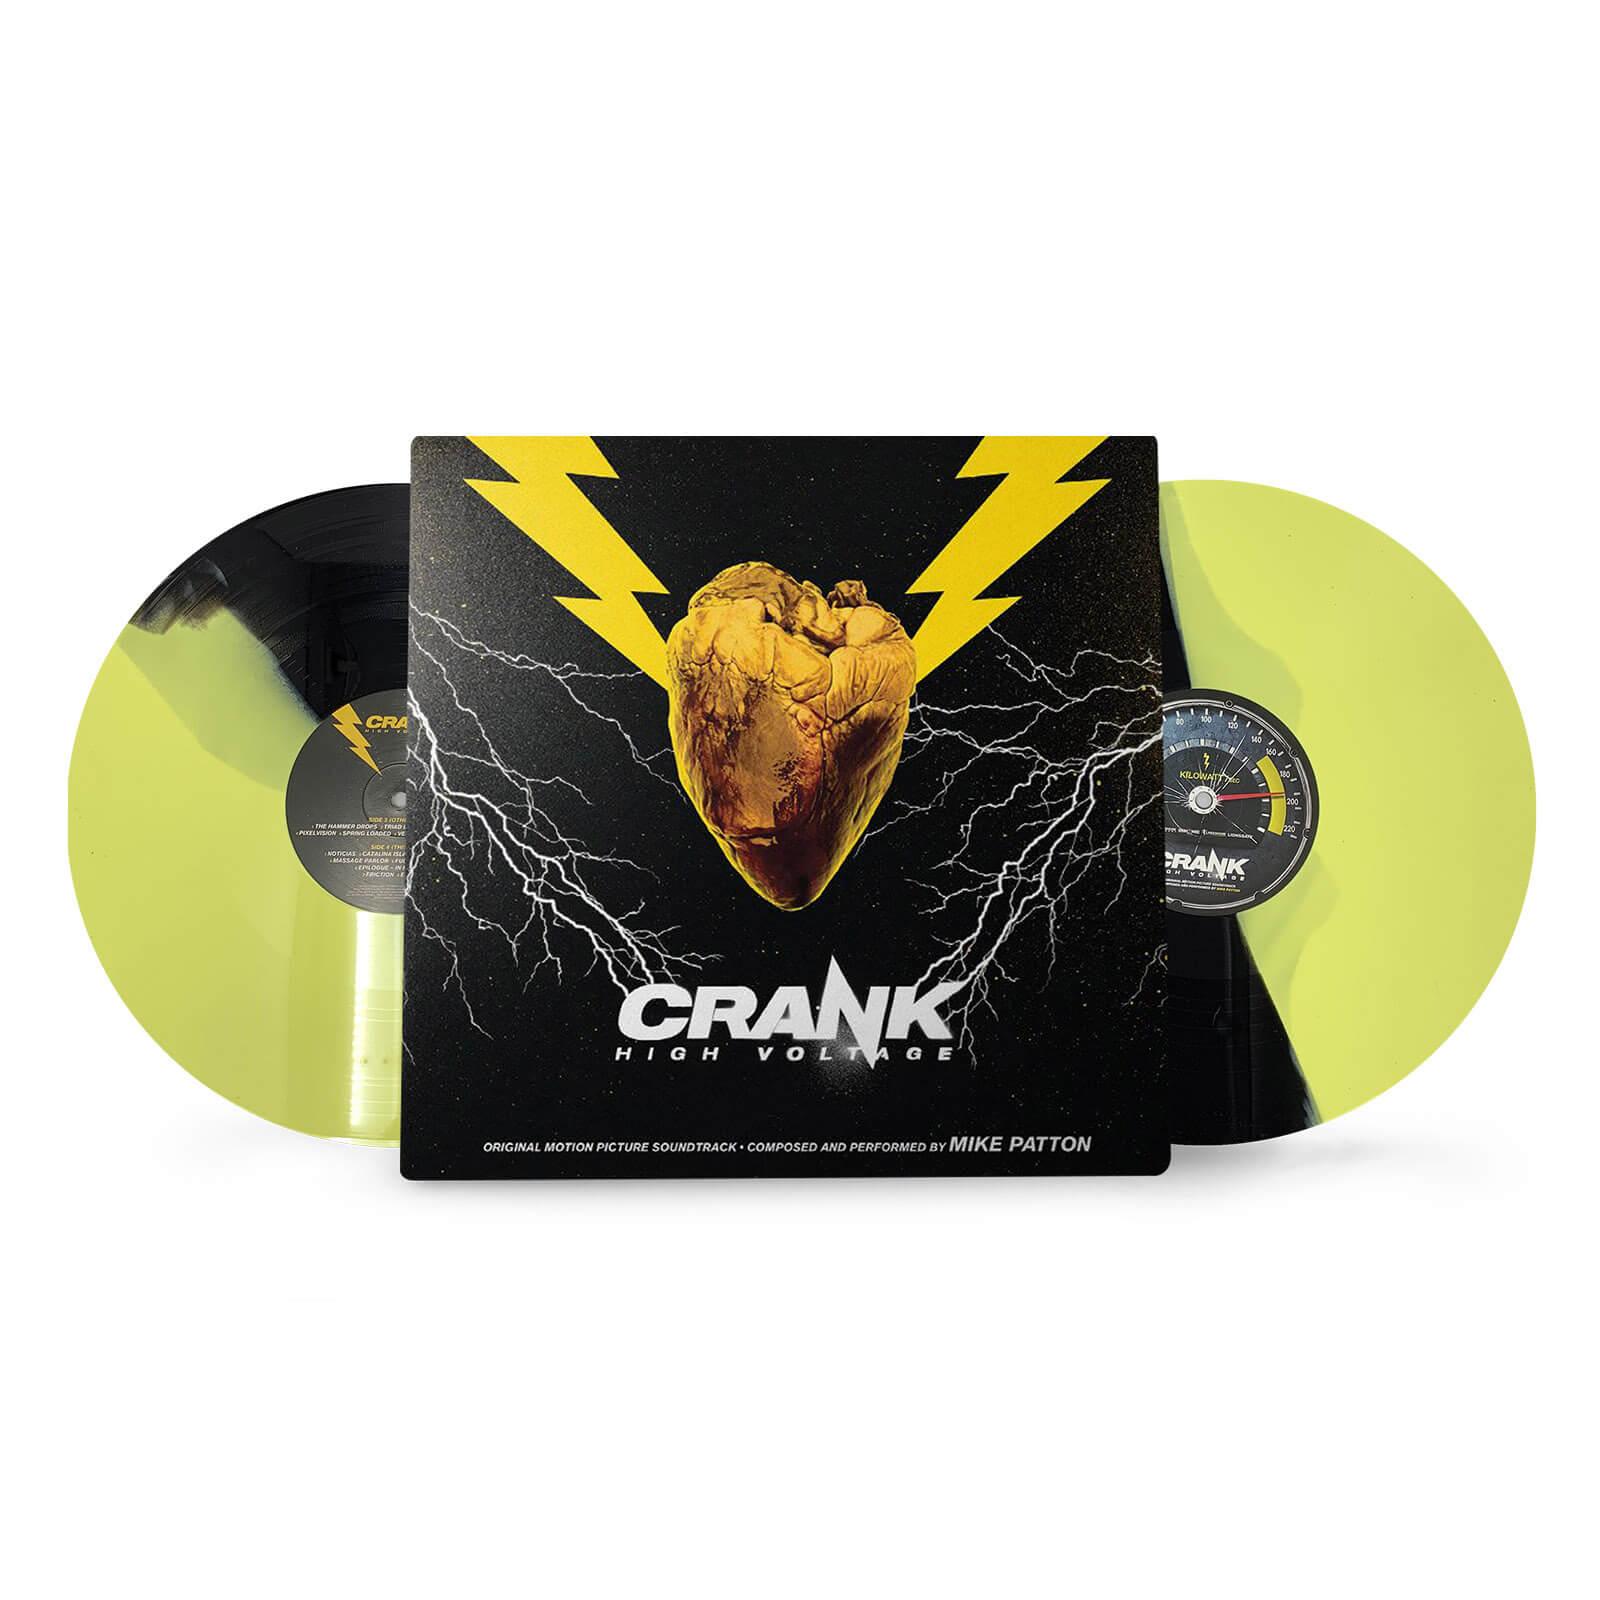 Crank: High Voltage (Black and Yellow Variant) 2xLP für 19.48€ @ Zavvi